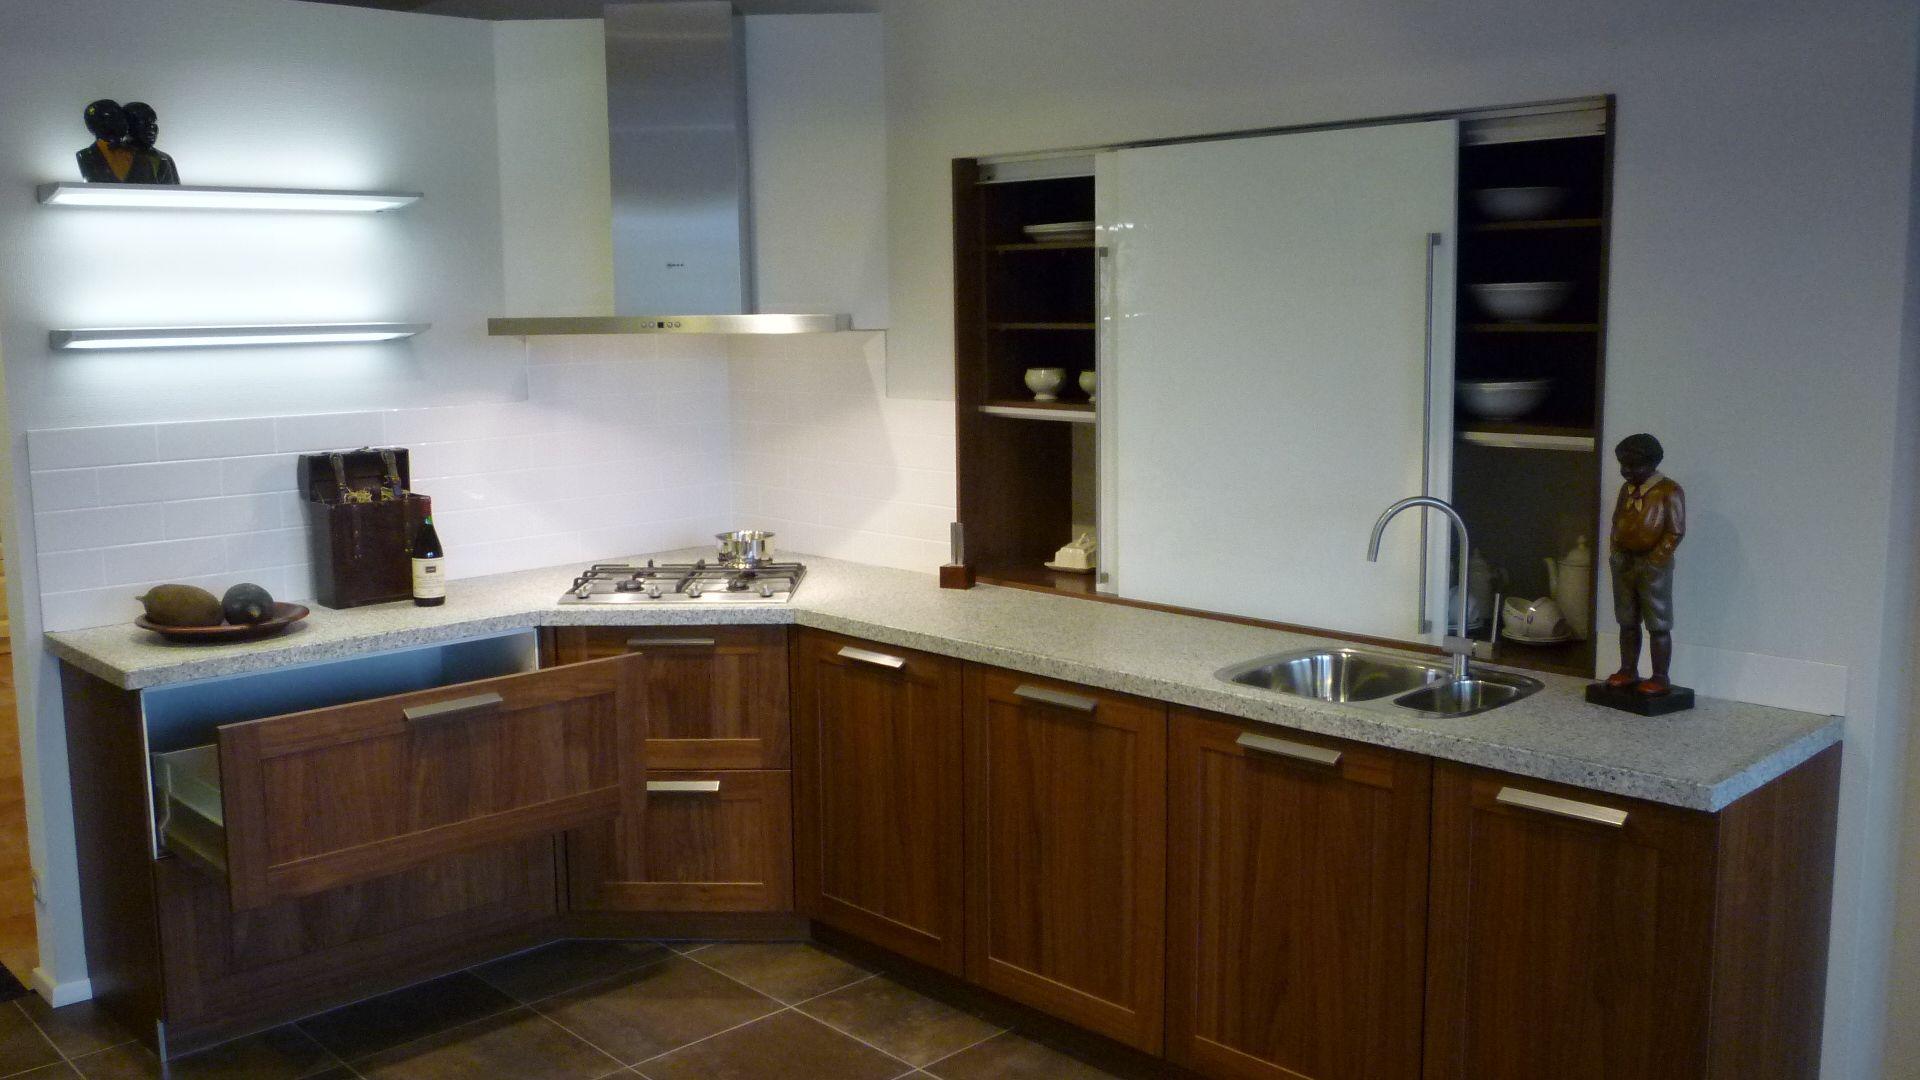 Allergrootste keukensite van nederland noten hout keuken met granieten blad - Granieten werkblad keuken ...